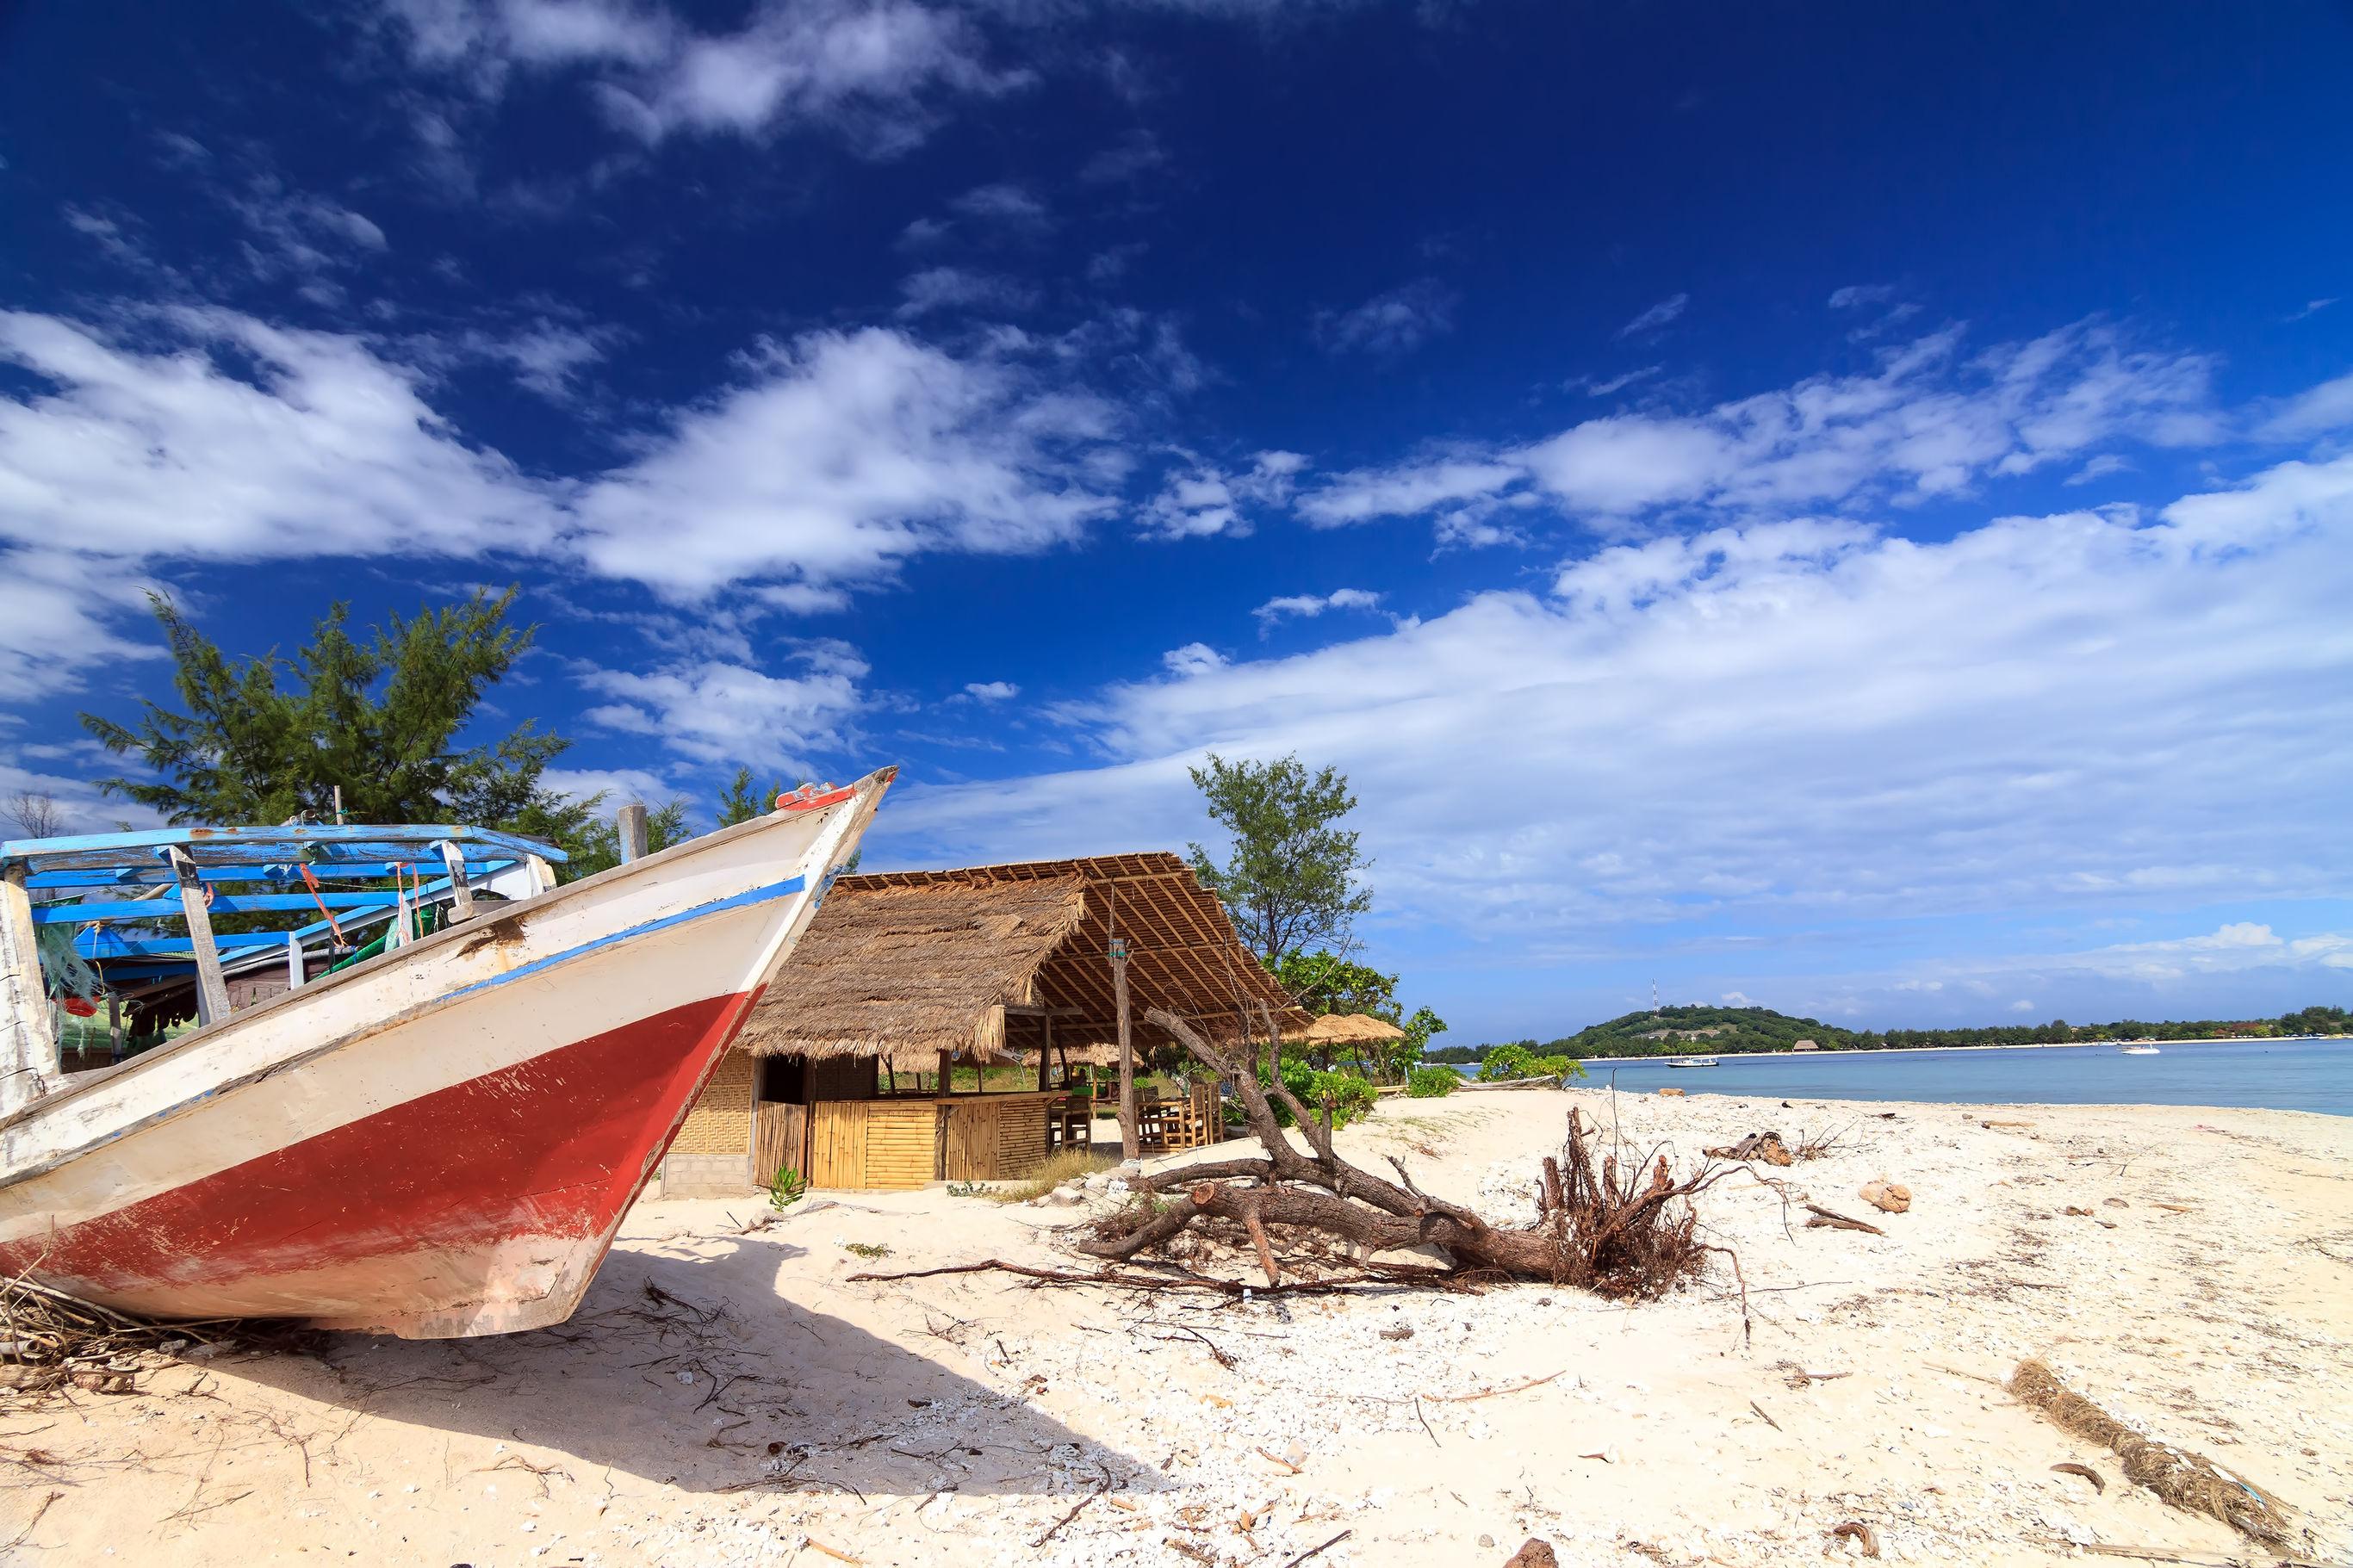 Sfeerimpressie Rondreis Hoogtepunten Lombok